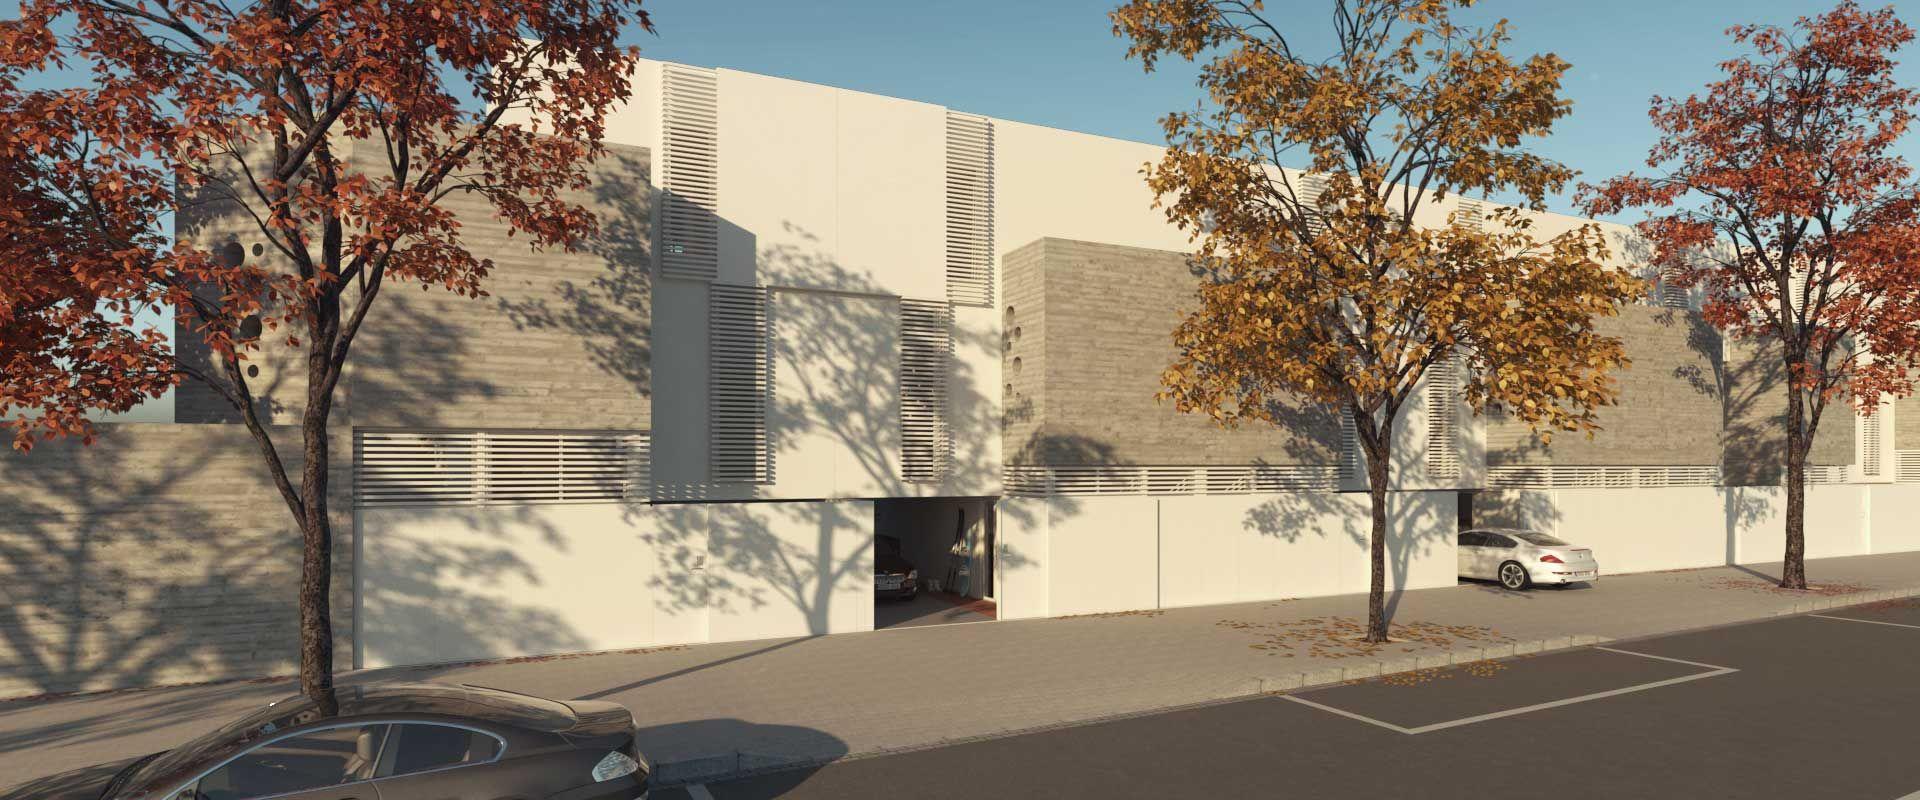 Descubre La Promoción Now Un Proyecto De 8 Casas Adosadas De Diseño Moderno Y Funcional En Una De Las Zonas De Expansión Disenos De Unas Diseño Moderno Casas